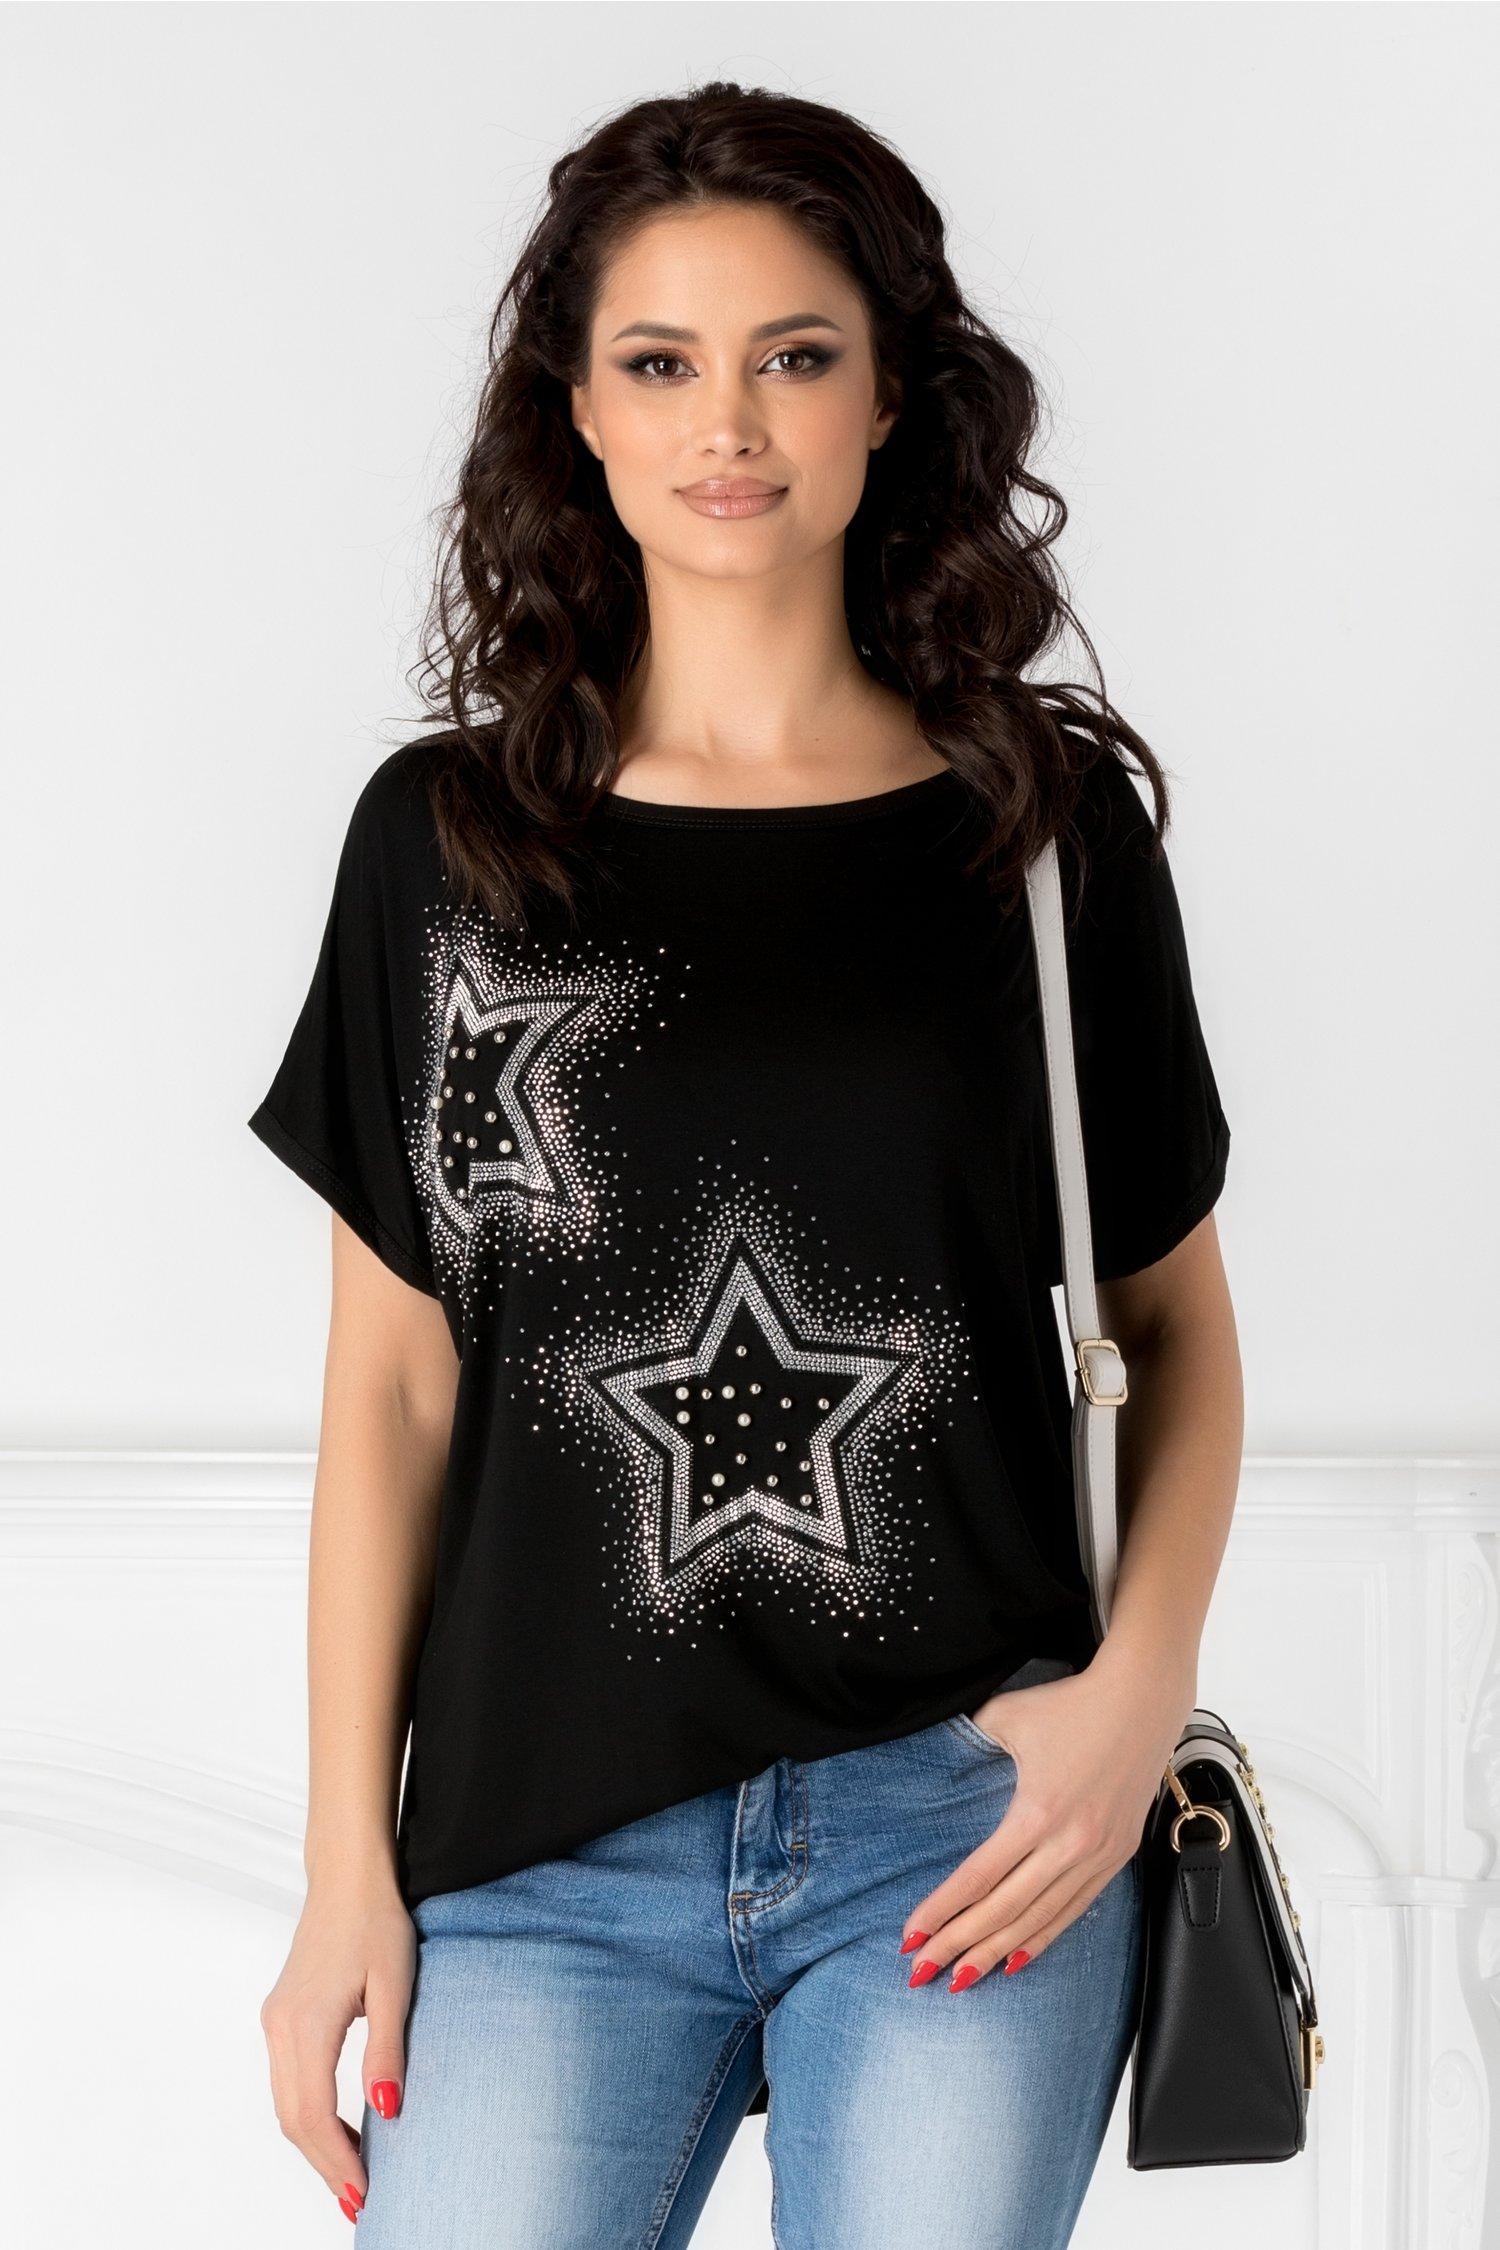 Tricou casual negru cu stelute din strasuri